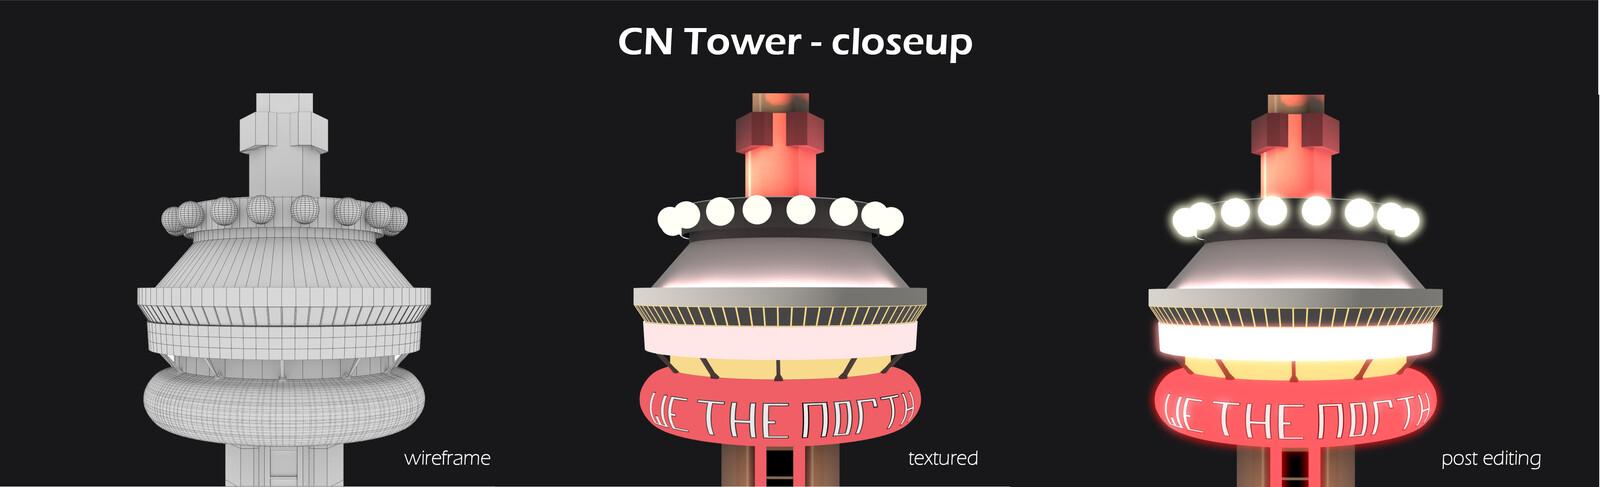 ASSET: CN Tower Closeup